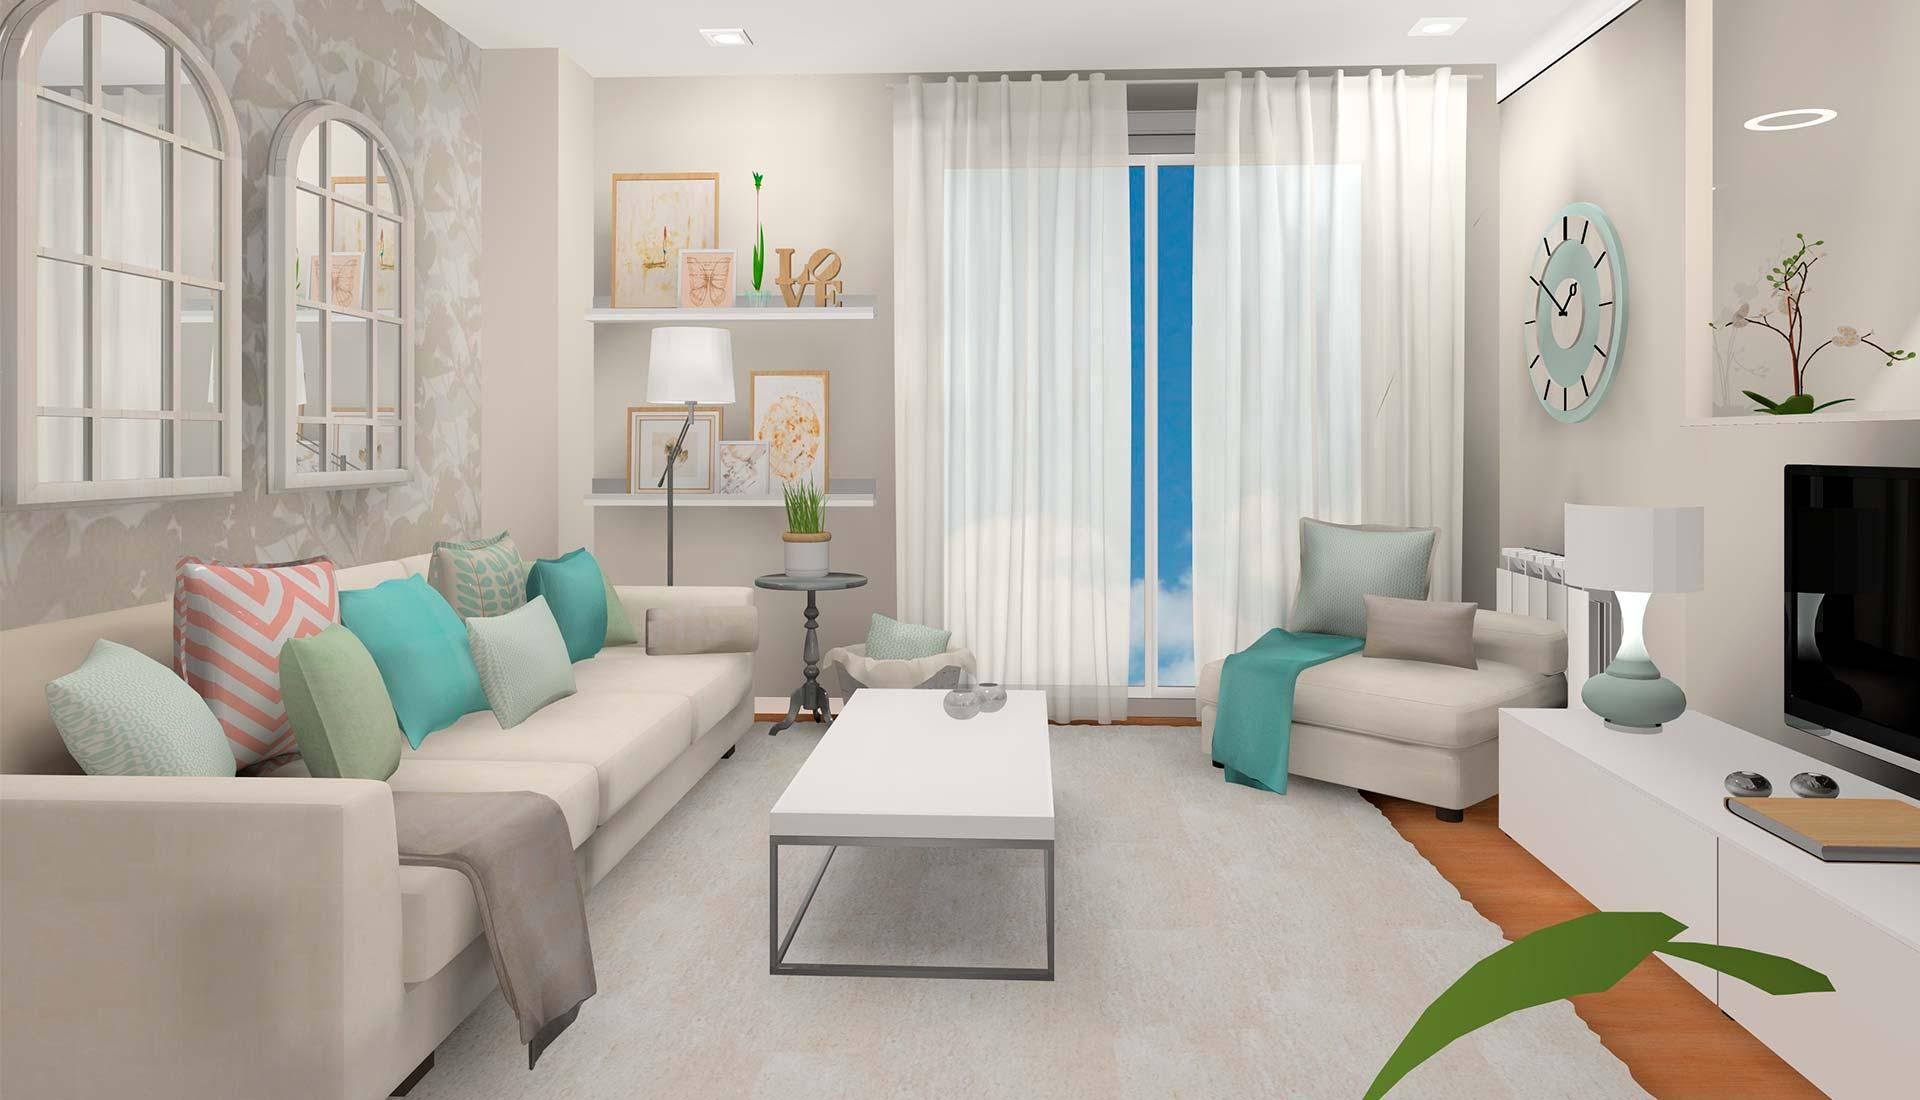 decoración interiores 3d salon